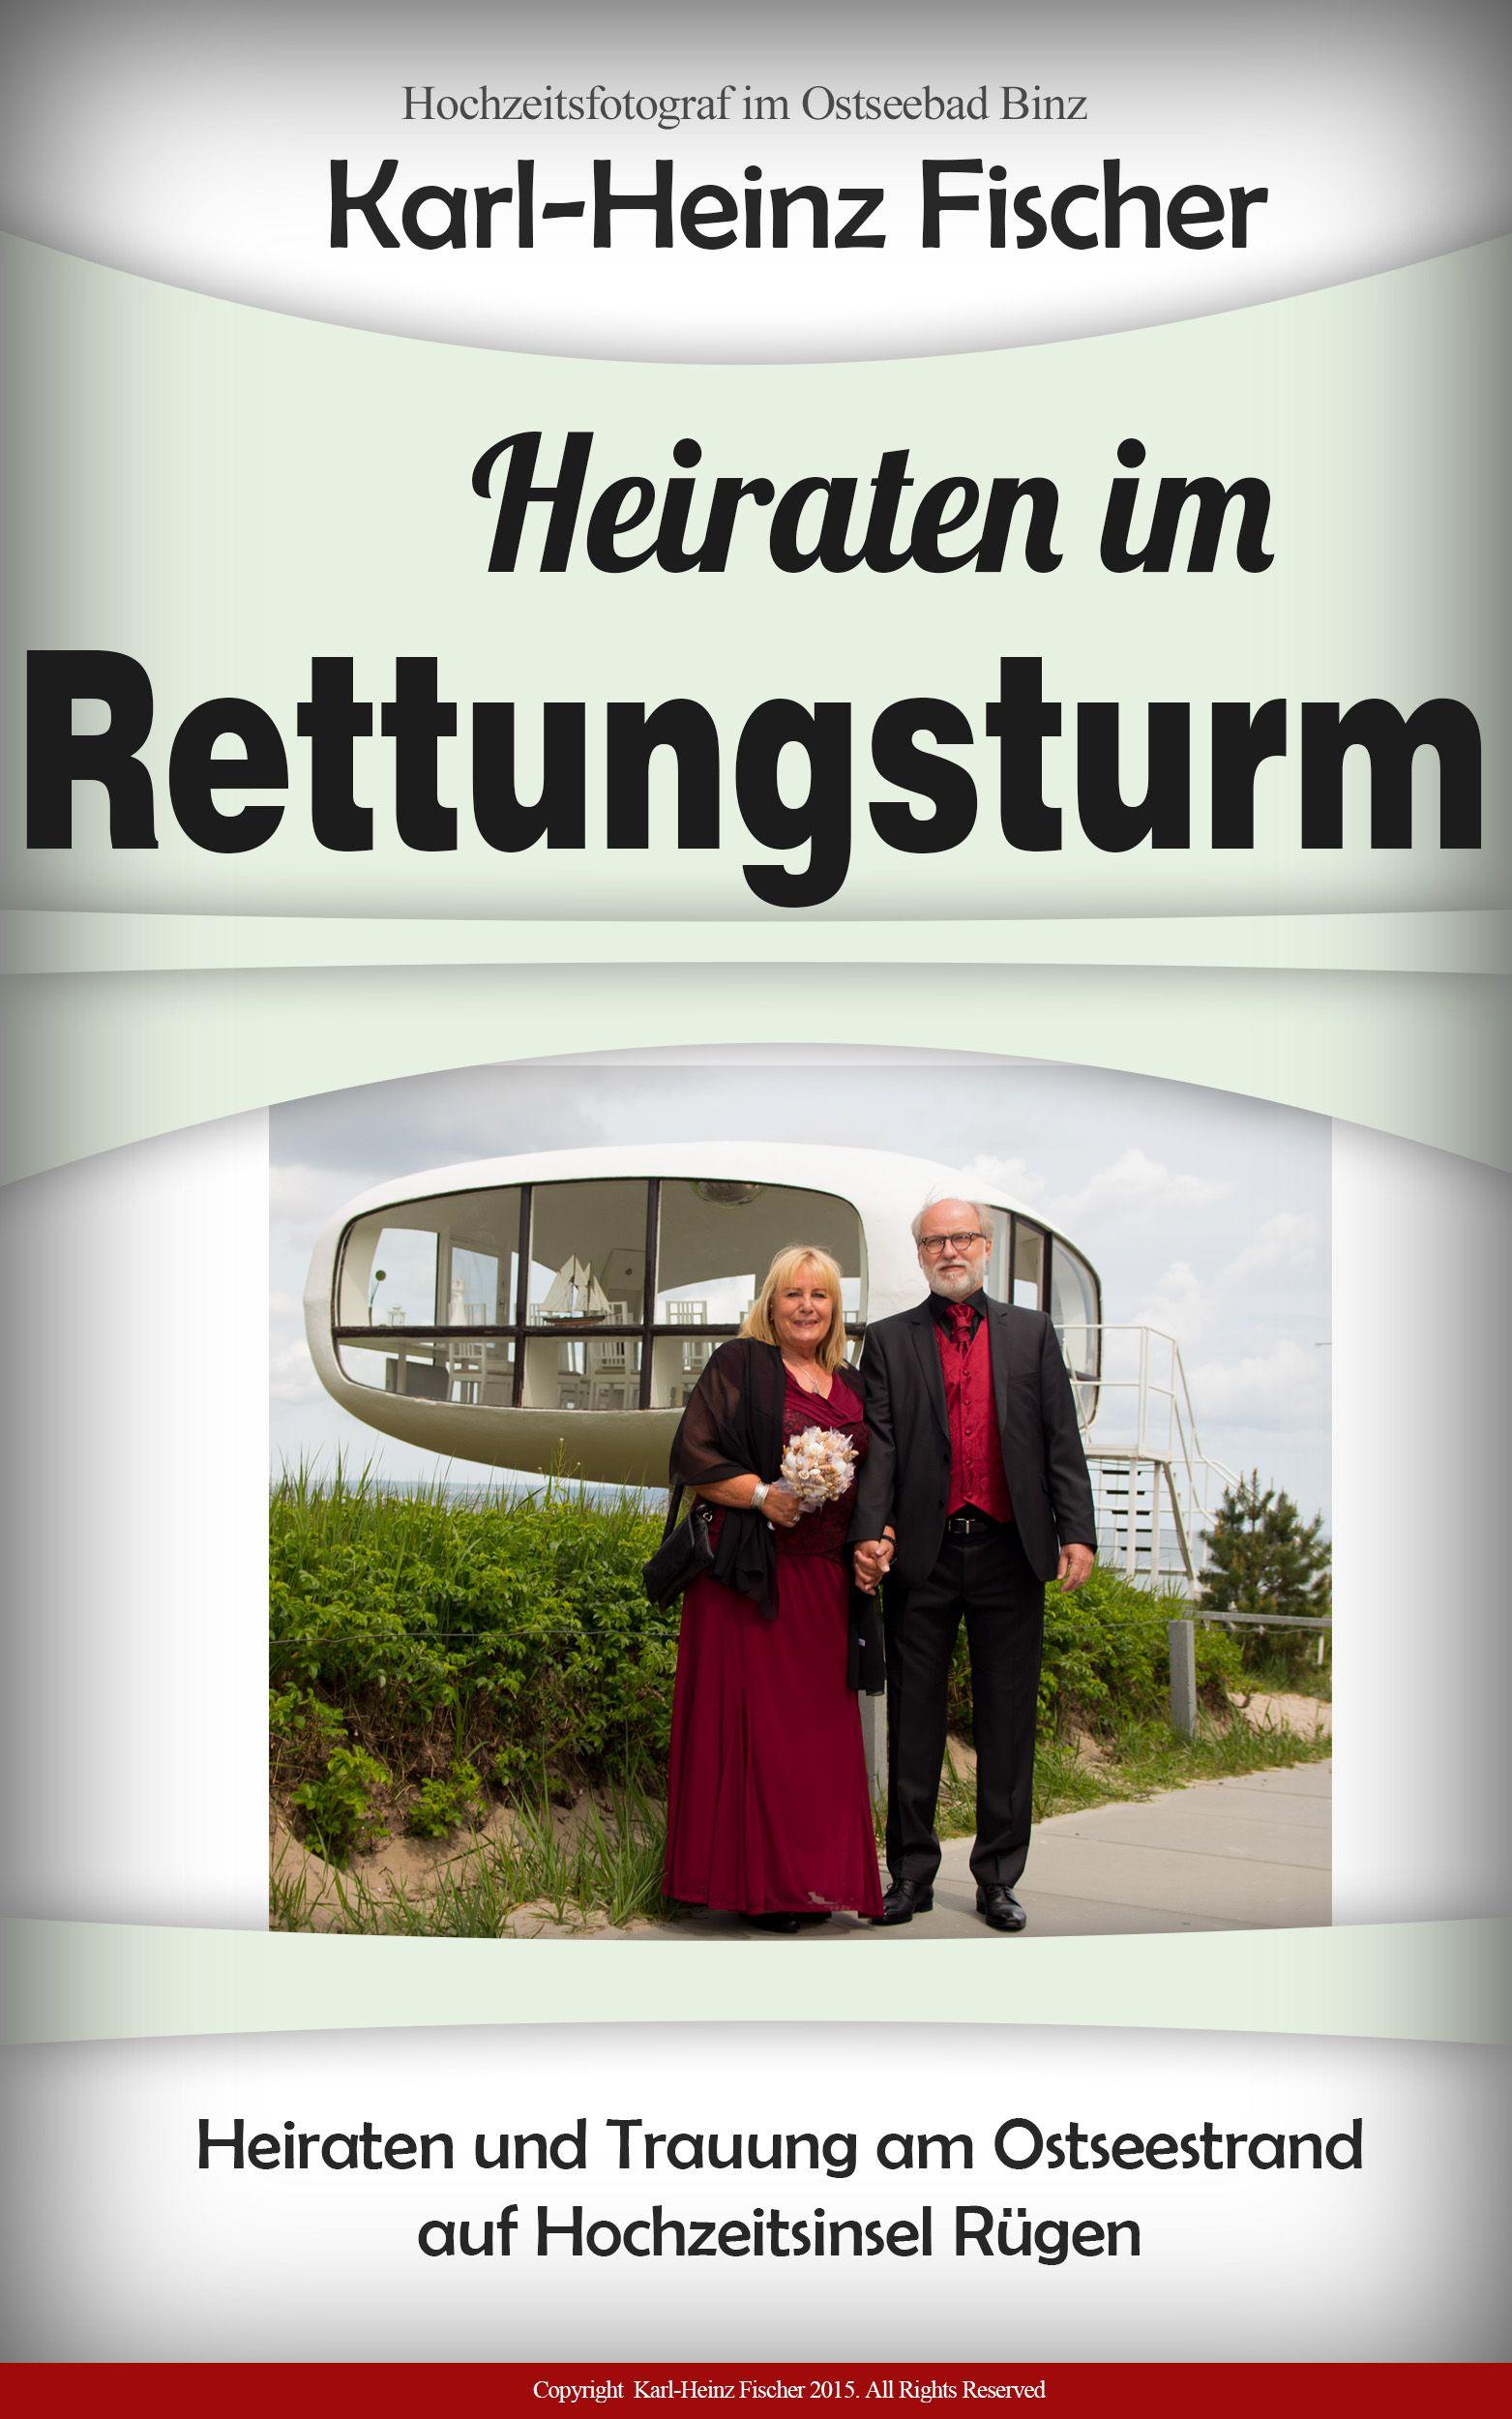 Trauung im Standesamt Rettungsturm Ostseebad Binz auf Rügen. Hochzeitsfotograf in Binz Karl-Heinz Fischer http://www.ihr-hochzeit-fotograf.de